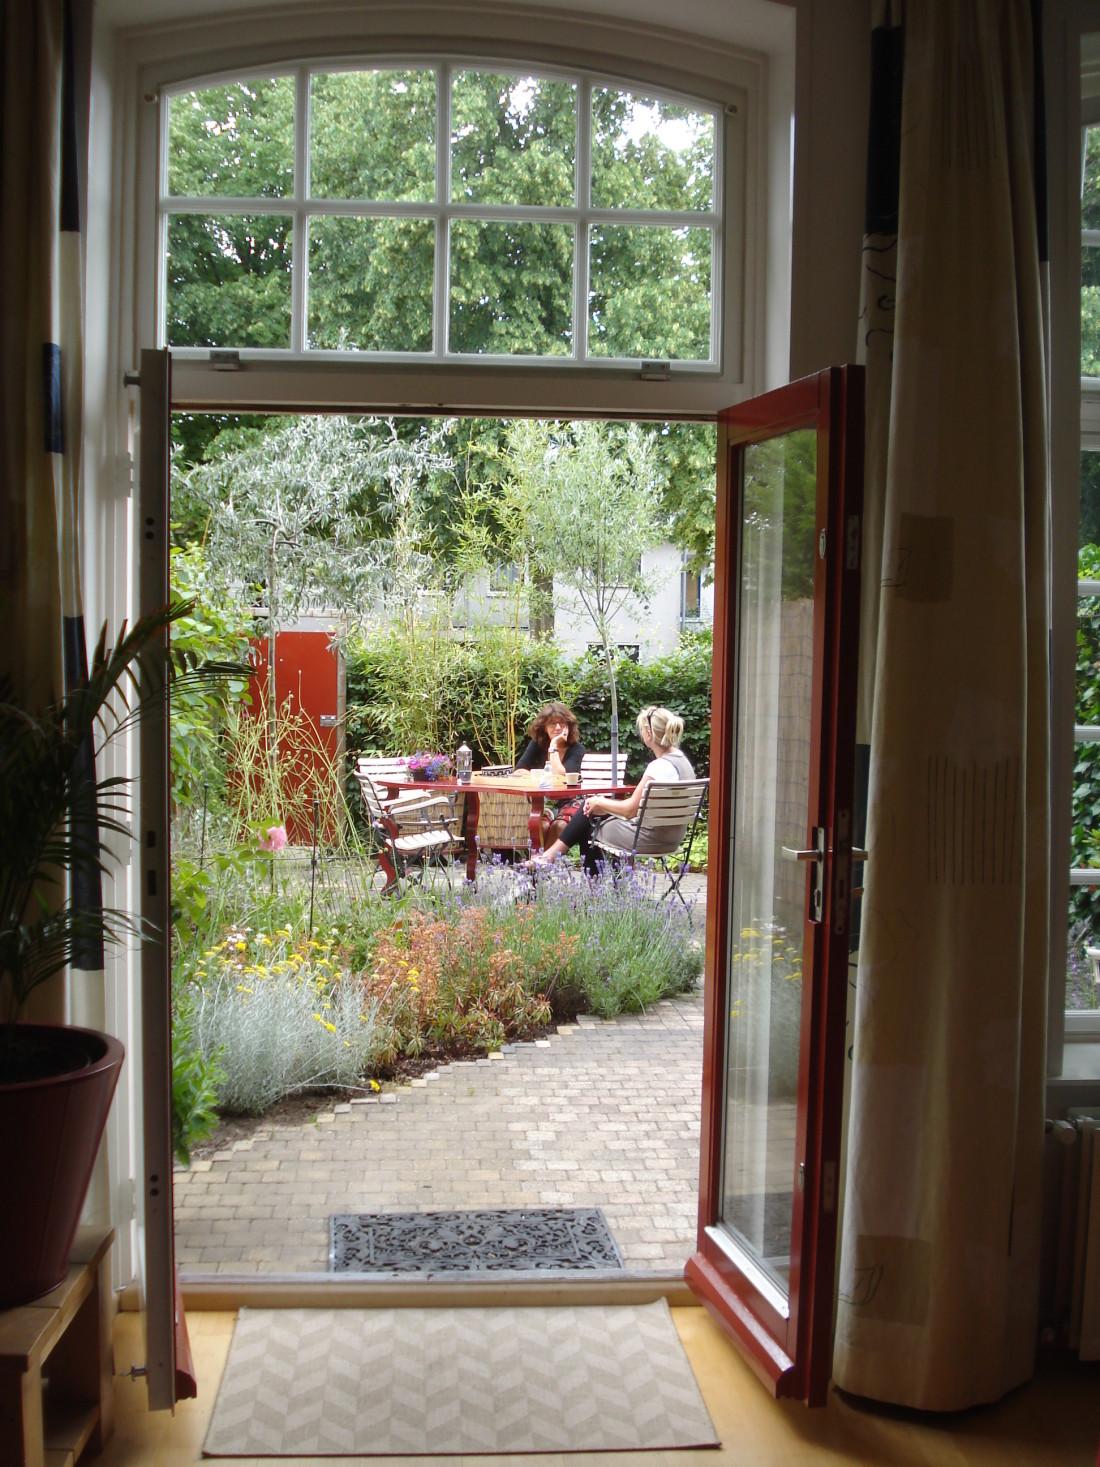 de Buitenkamer tuinontwerp, Grave, diagonale tuin Amersfoort 4